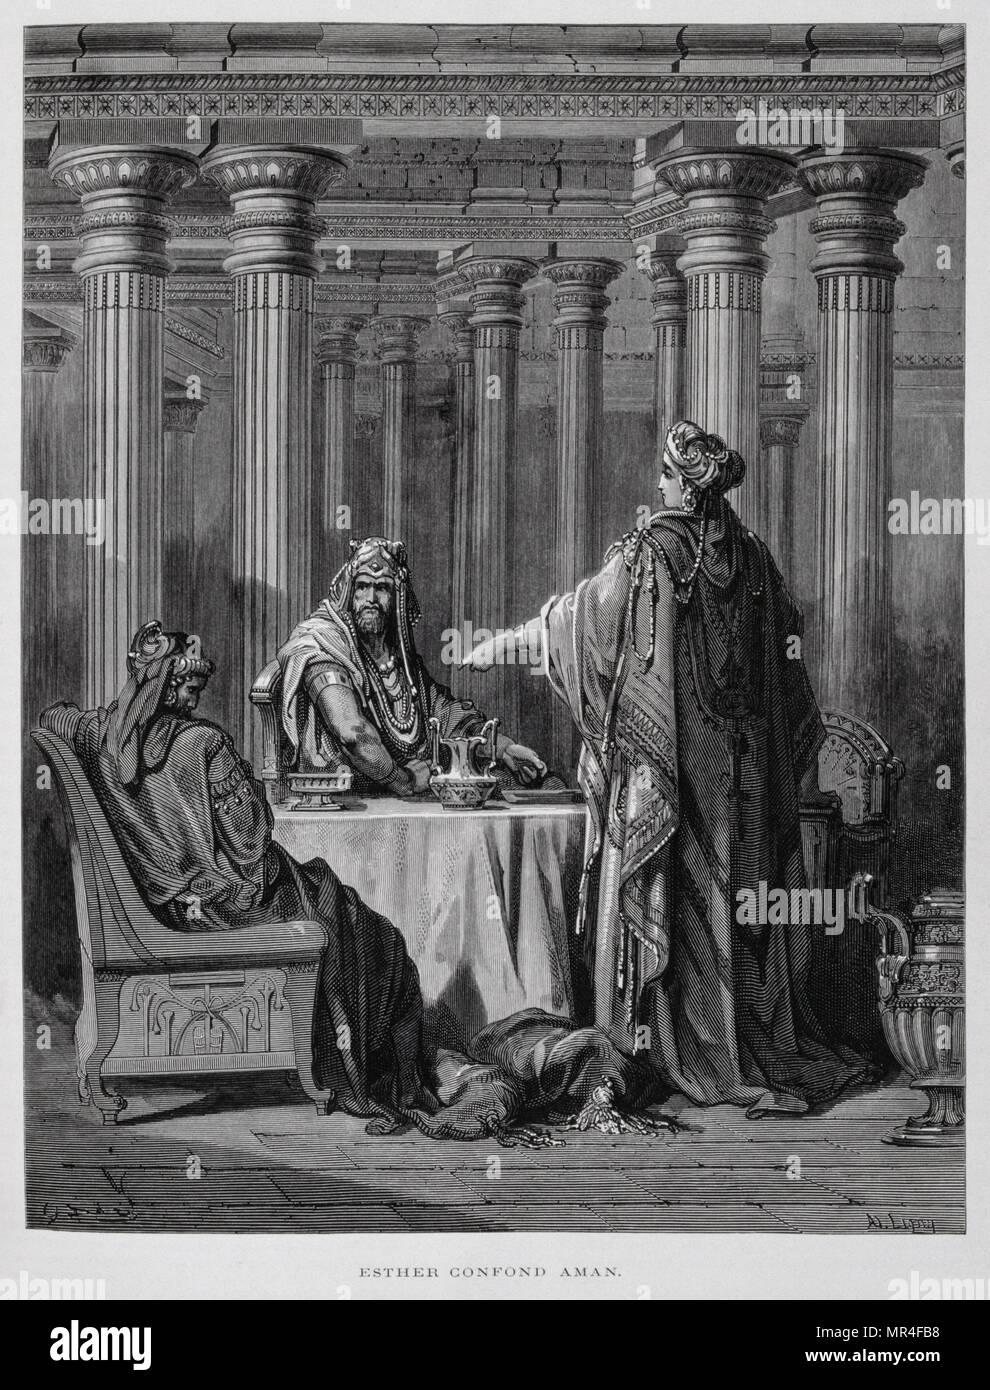 Architectural illustration imgenes de stock architectural amn denunciados por la reina ester ilustracin de la biblia dor 1866 en 1866 malvernweather Gallery